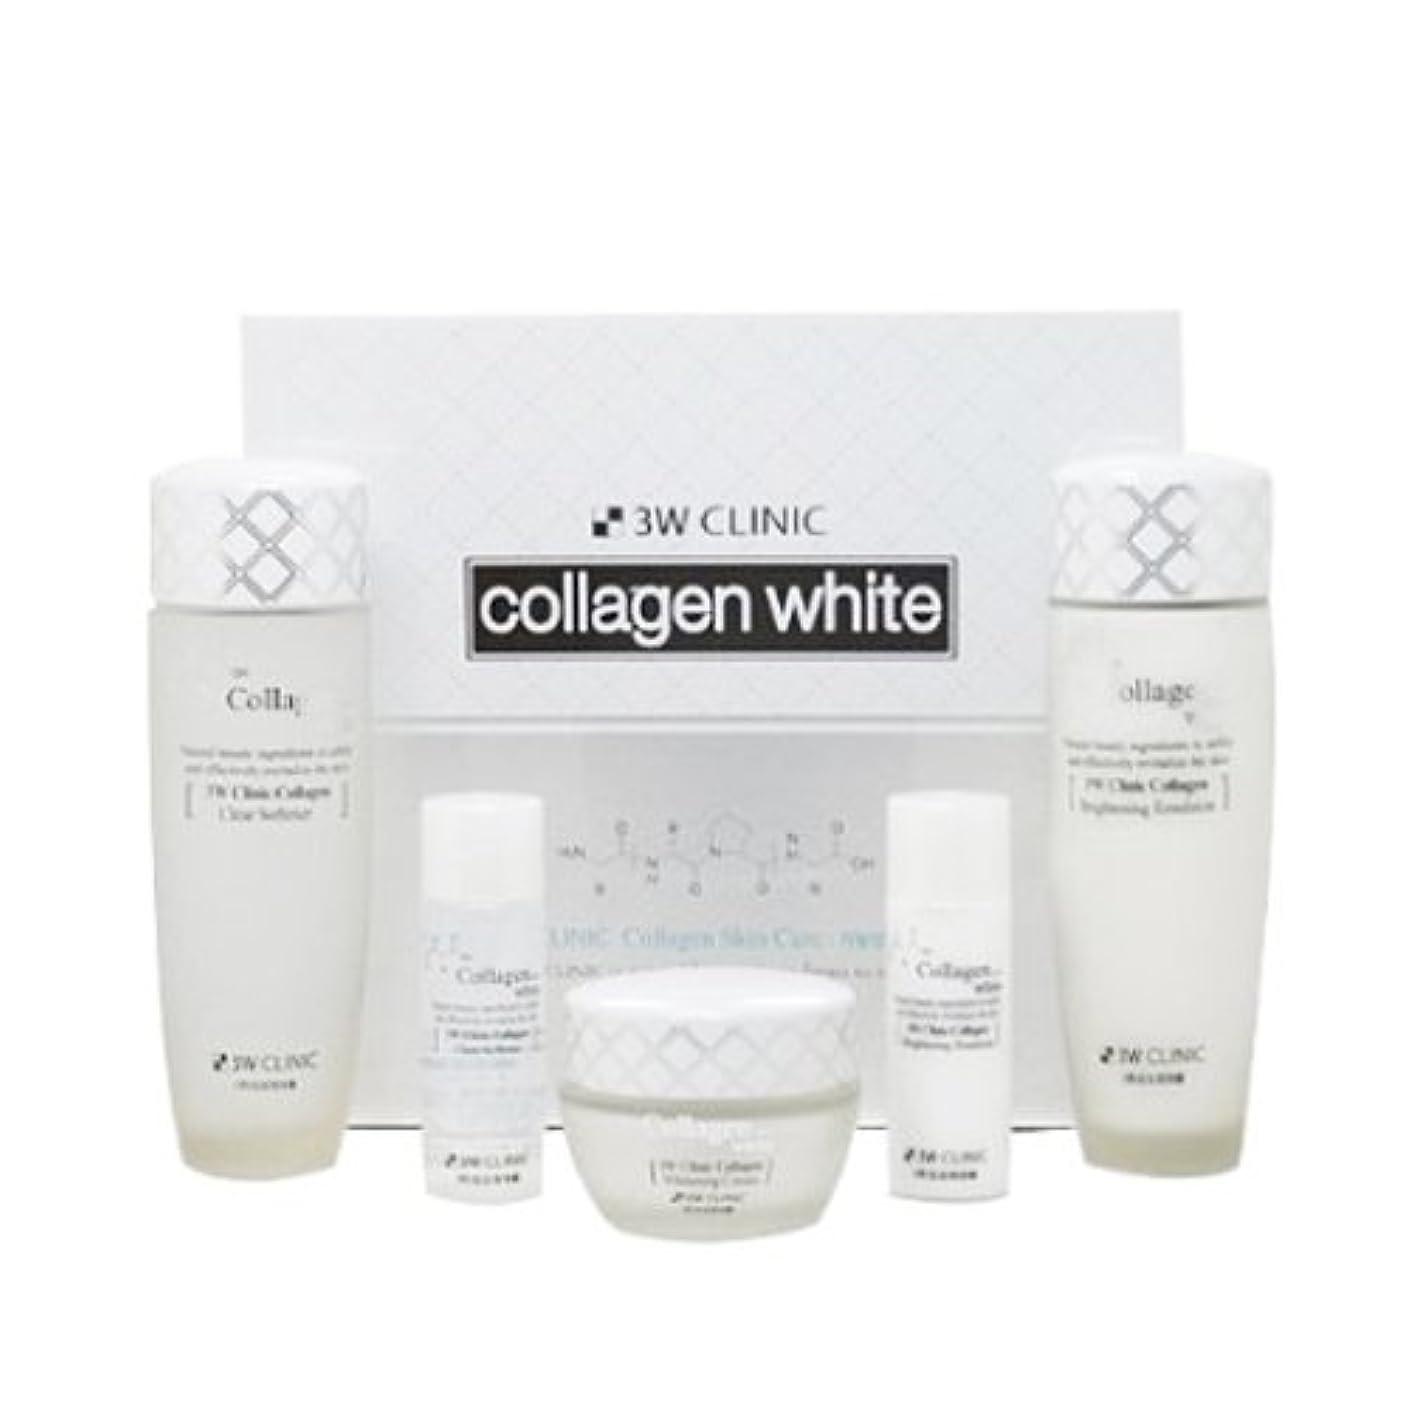 カヌー部門遵守する3Wクリニック[韓国コスメ3w Clinic]Collagen White Skin Care コラーゲンホワイトスキンケア3セット樹液,乳液,クリーム [並行輸入品]